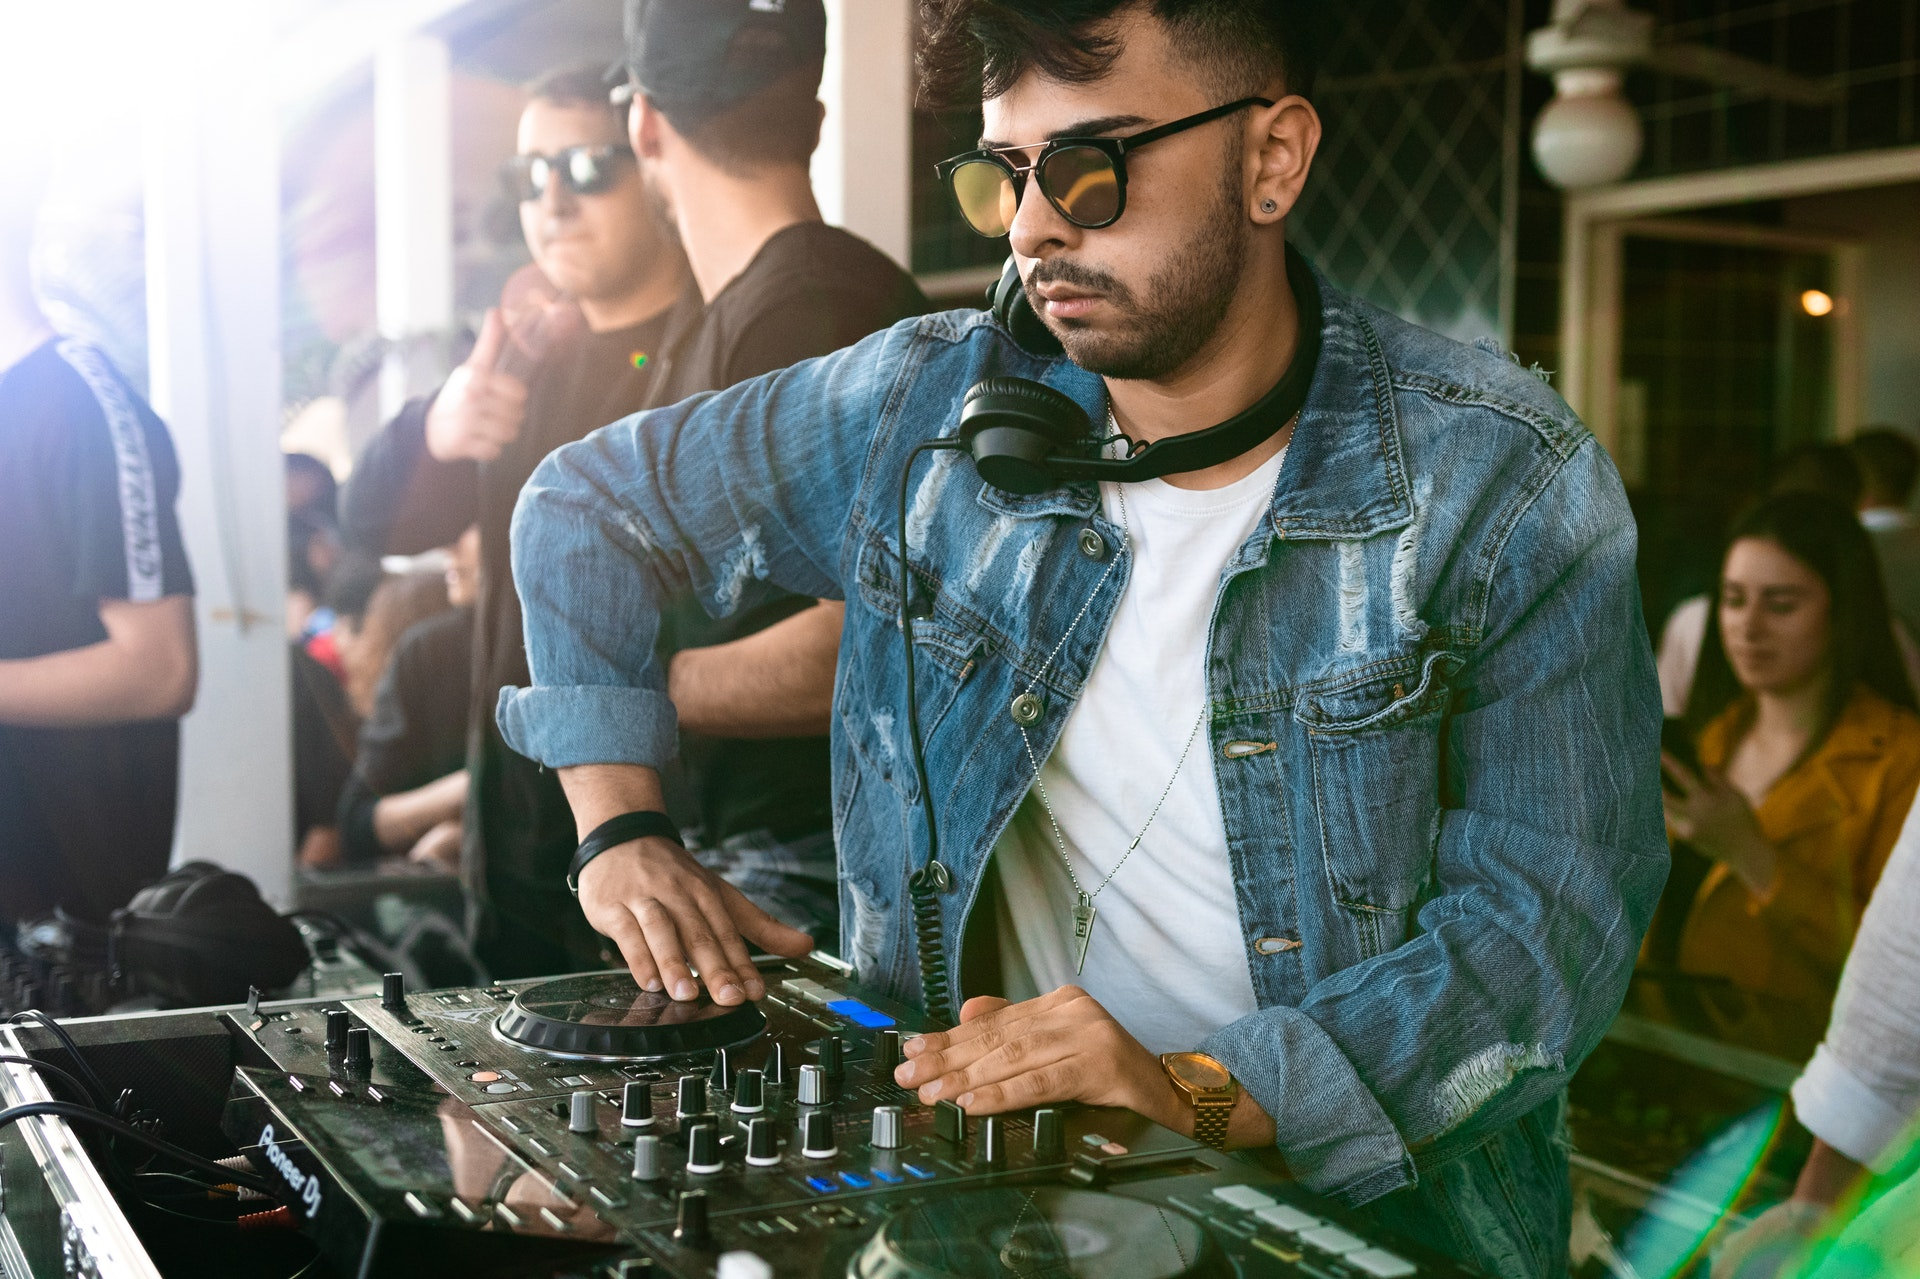 DJ at party.jpg